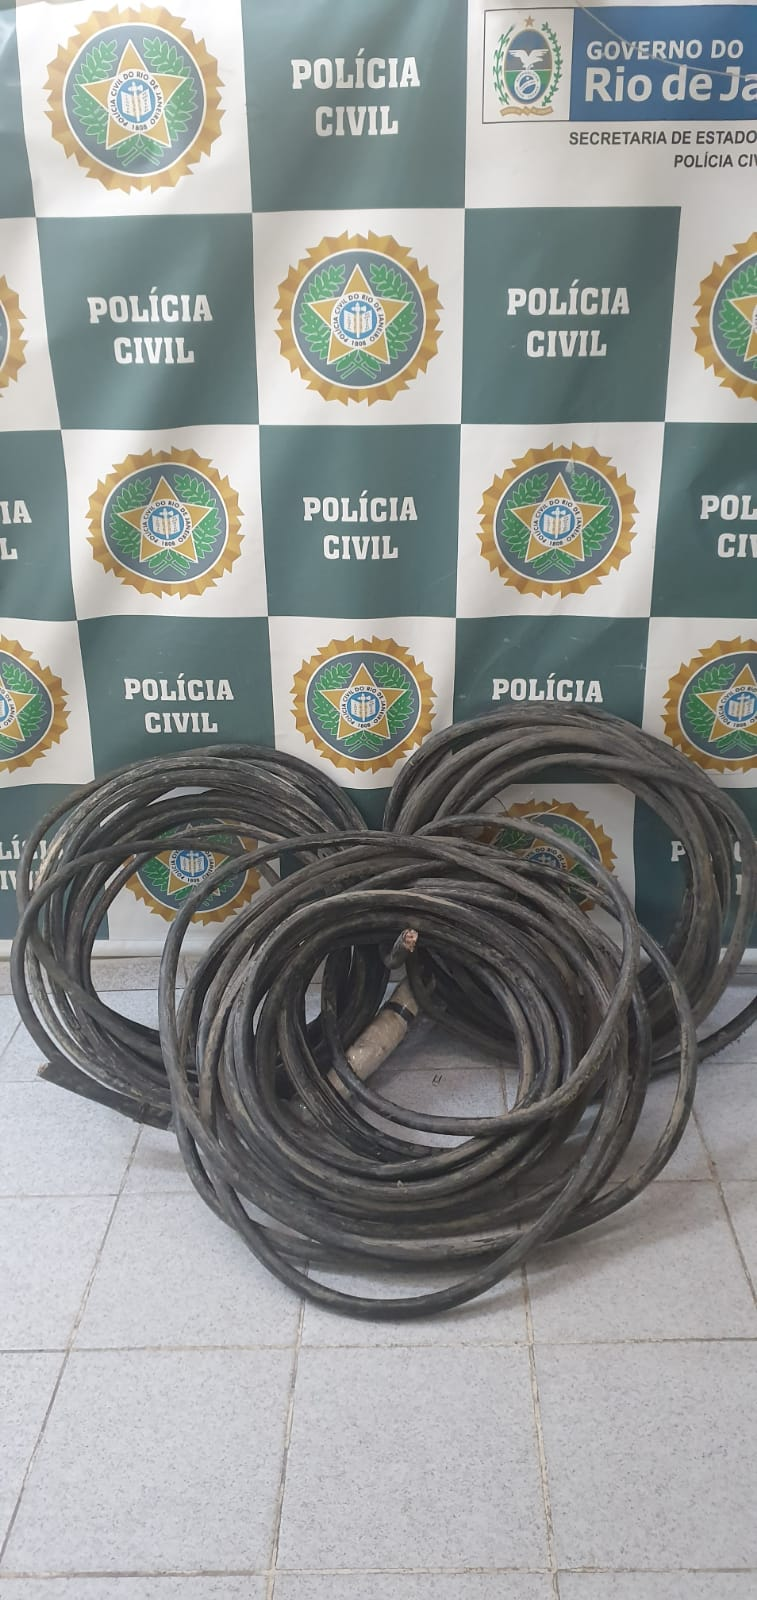 Cabos da rede de telefonia apreendidos pela polícia